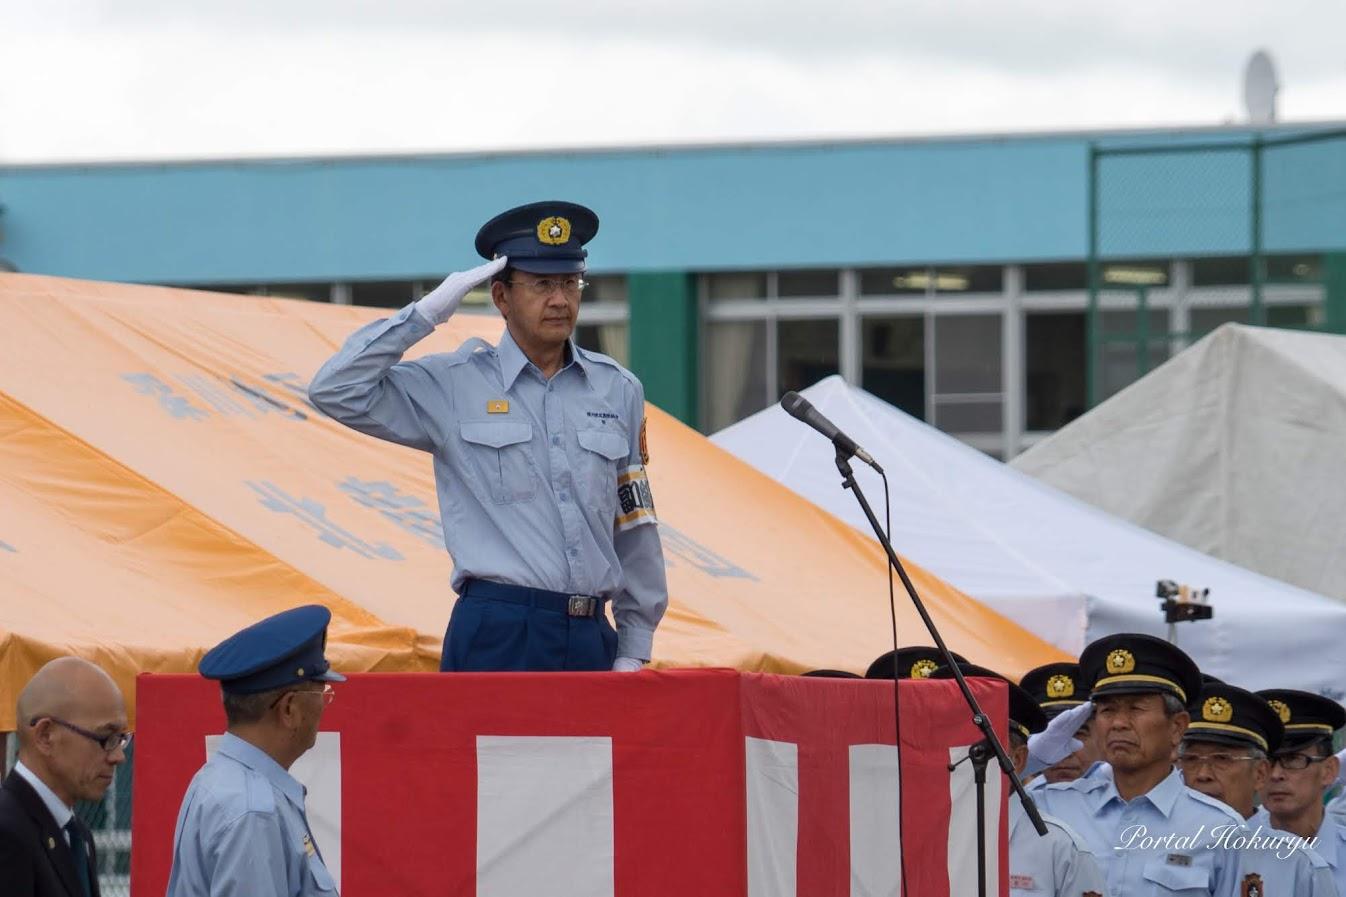 消防長に敬礼:深川地区消防組合・野弘道 消防長